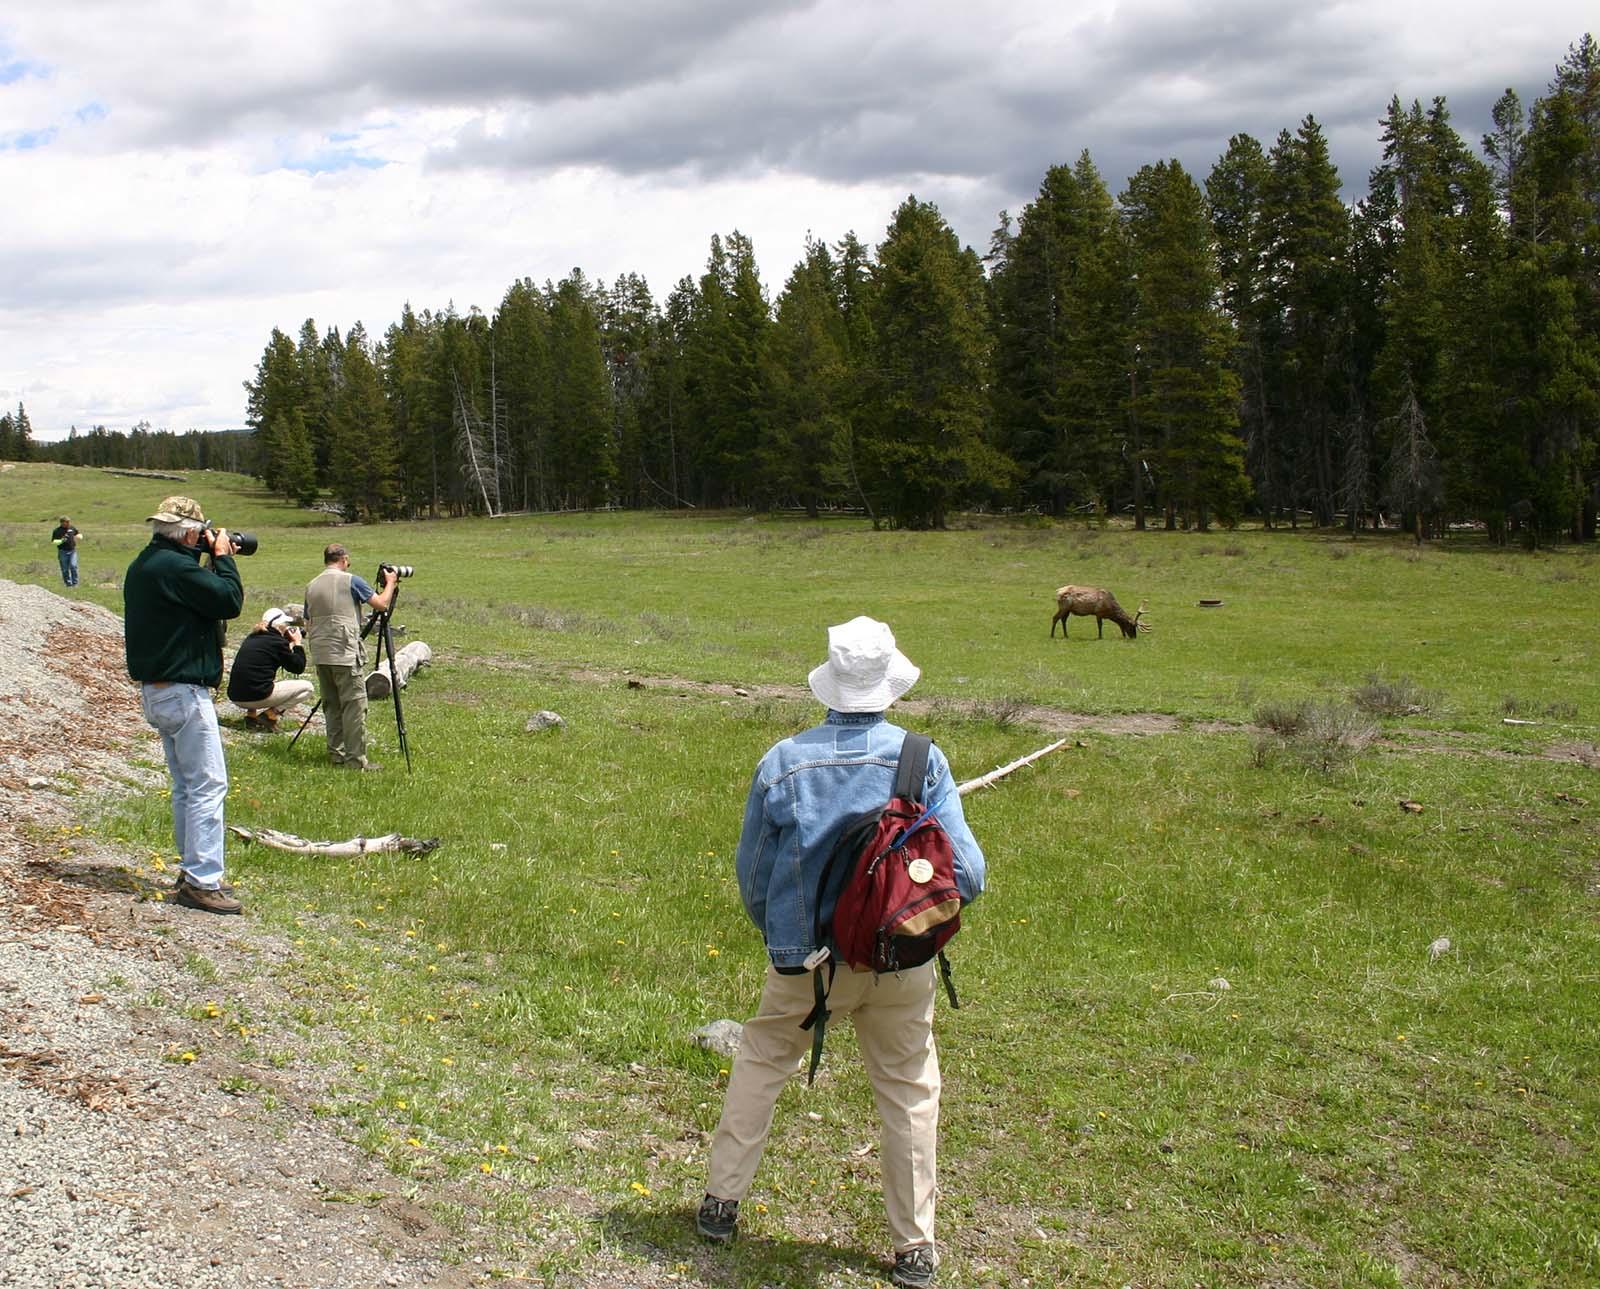 An elk provides a nice photo op.